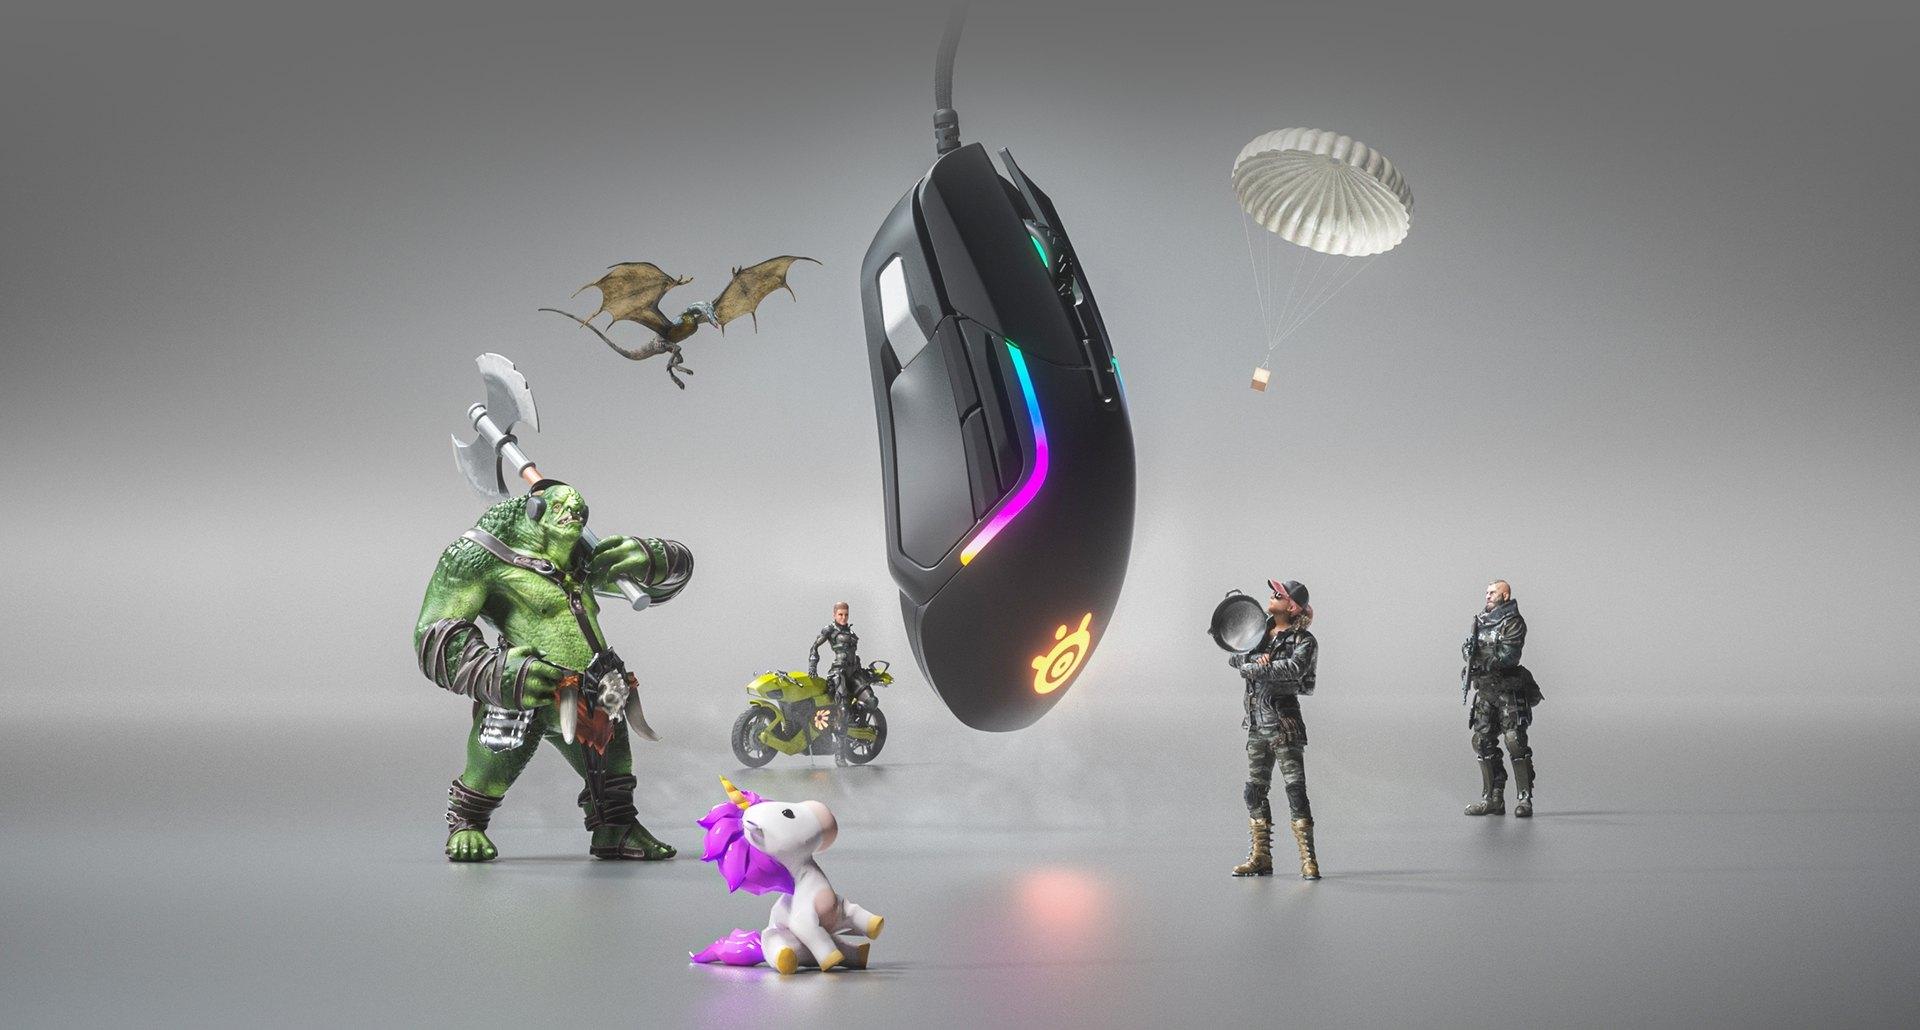 山怪 Lars 和各種角色看向懸停在他們空中的巨大 Rival 5 滑鼠。